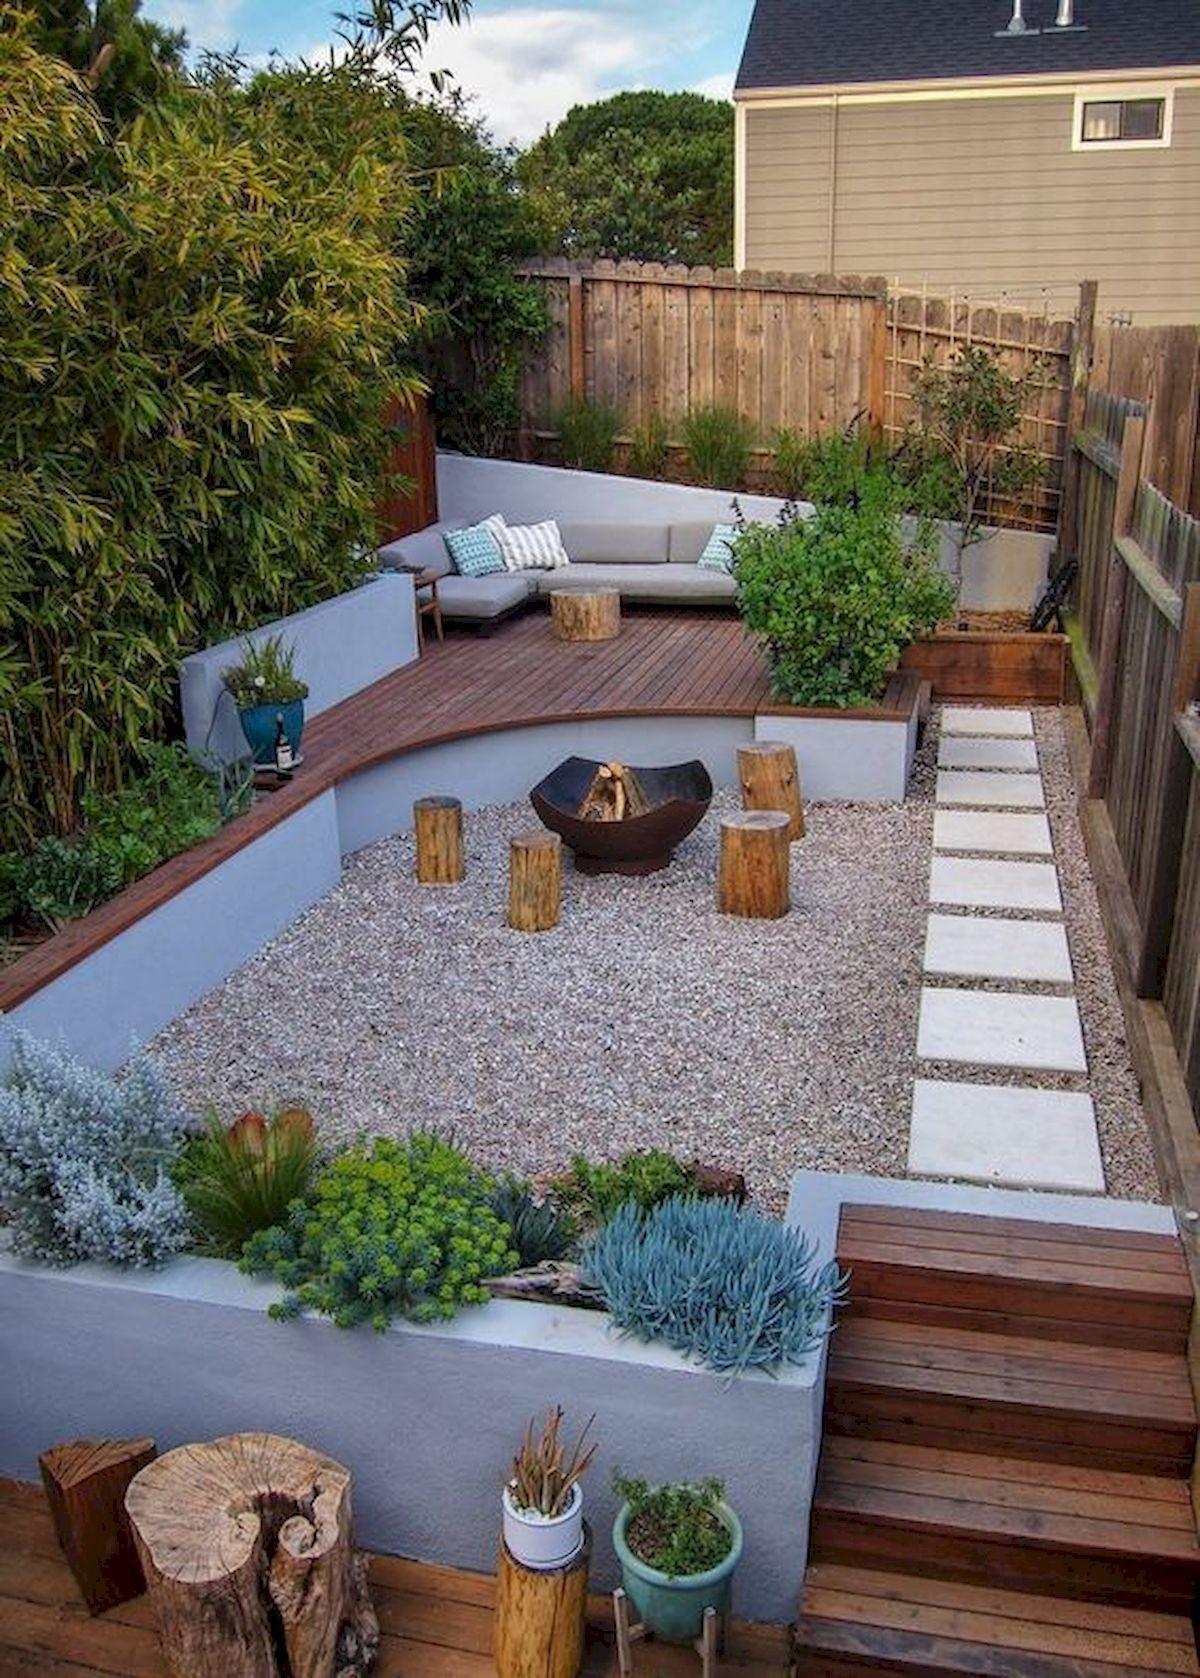 Photo of 44 Fresh Small Garden Ideas for Backyard